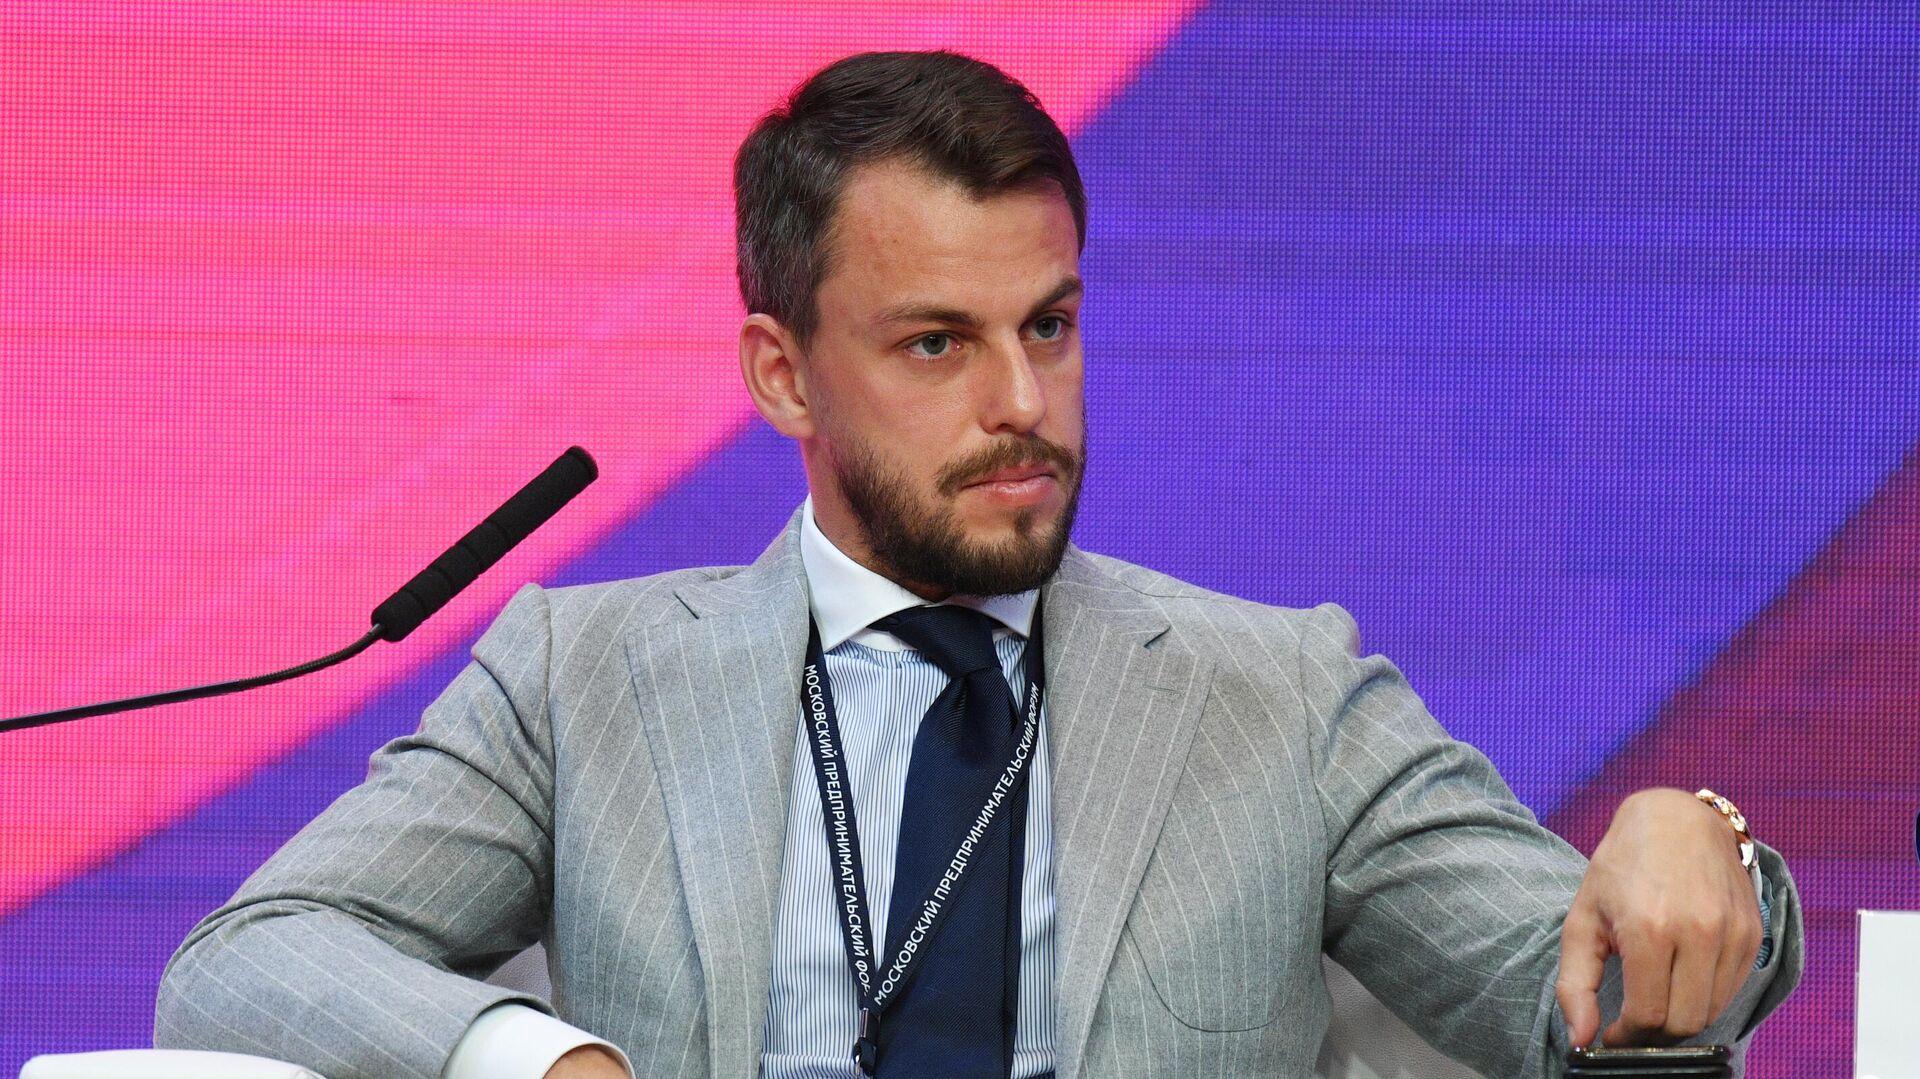 Адвокат: Сачков давал показания против осужденного за госизмену экс-полковника ФСБ Михайлова